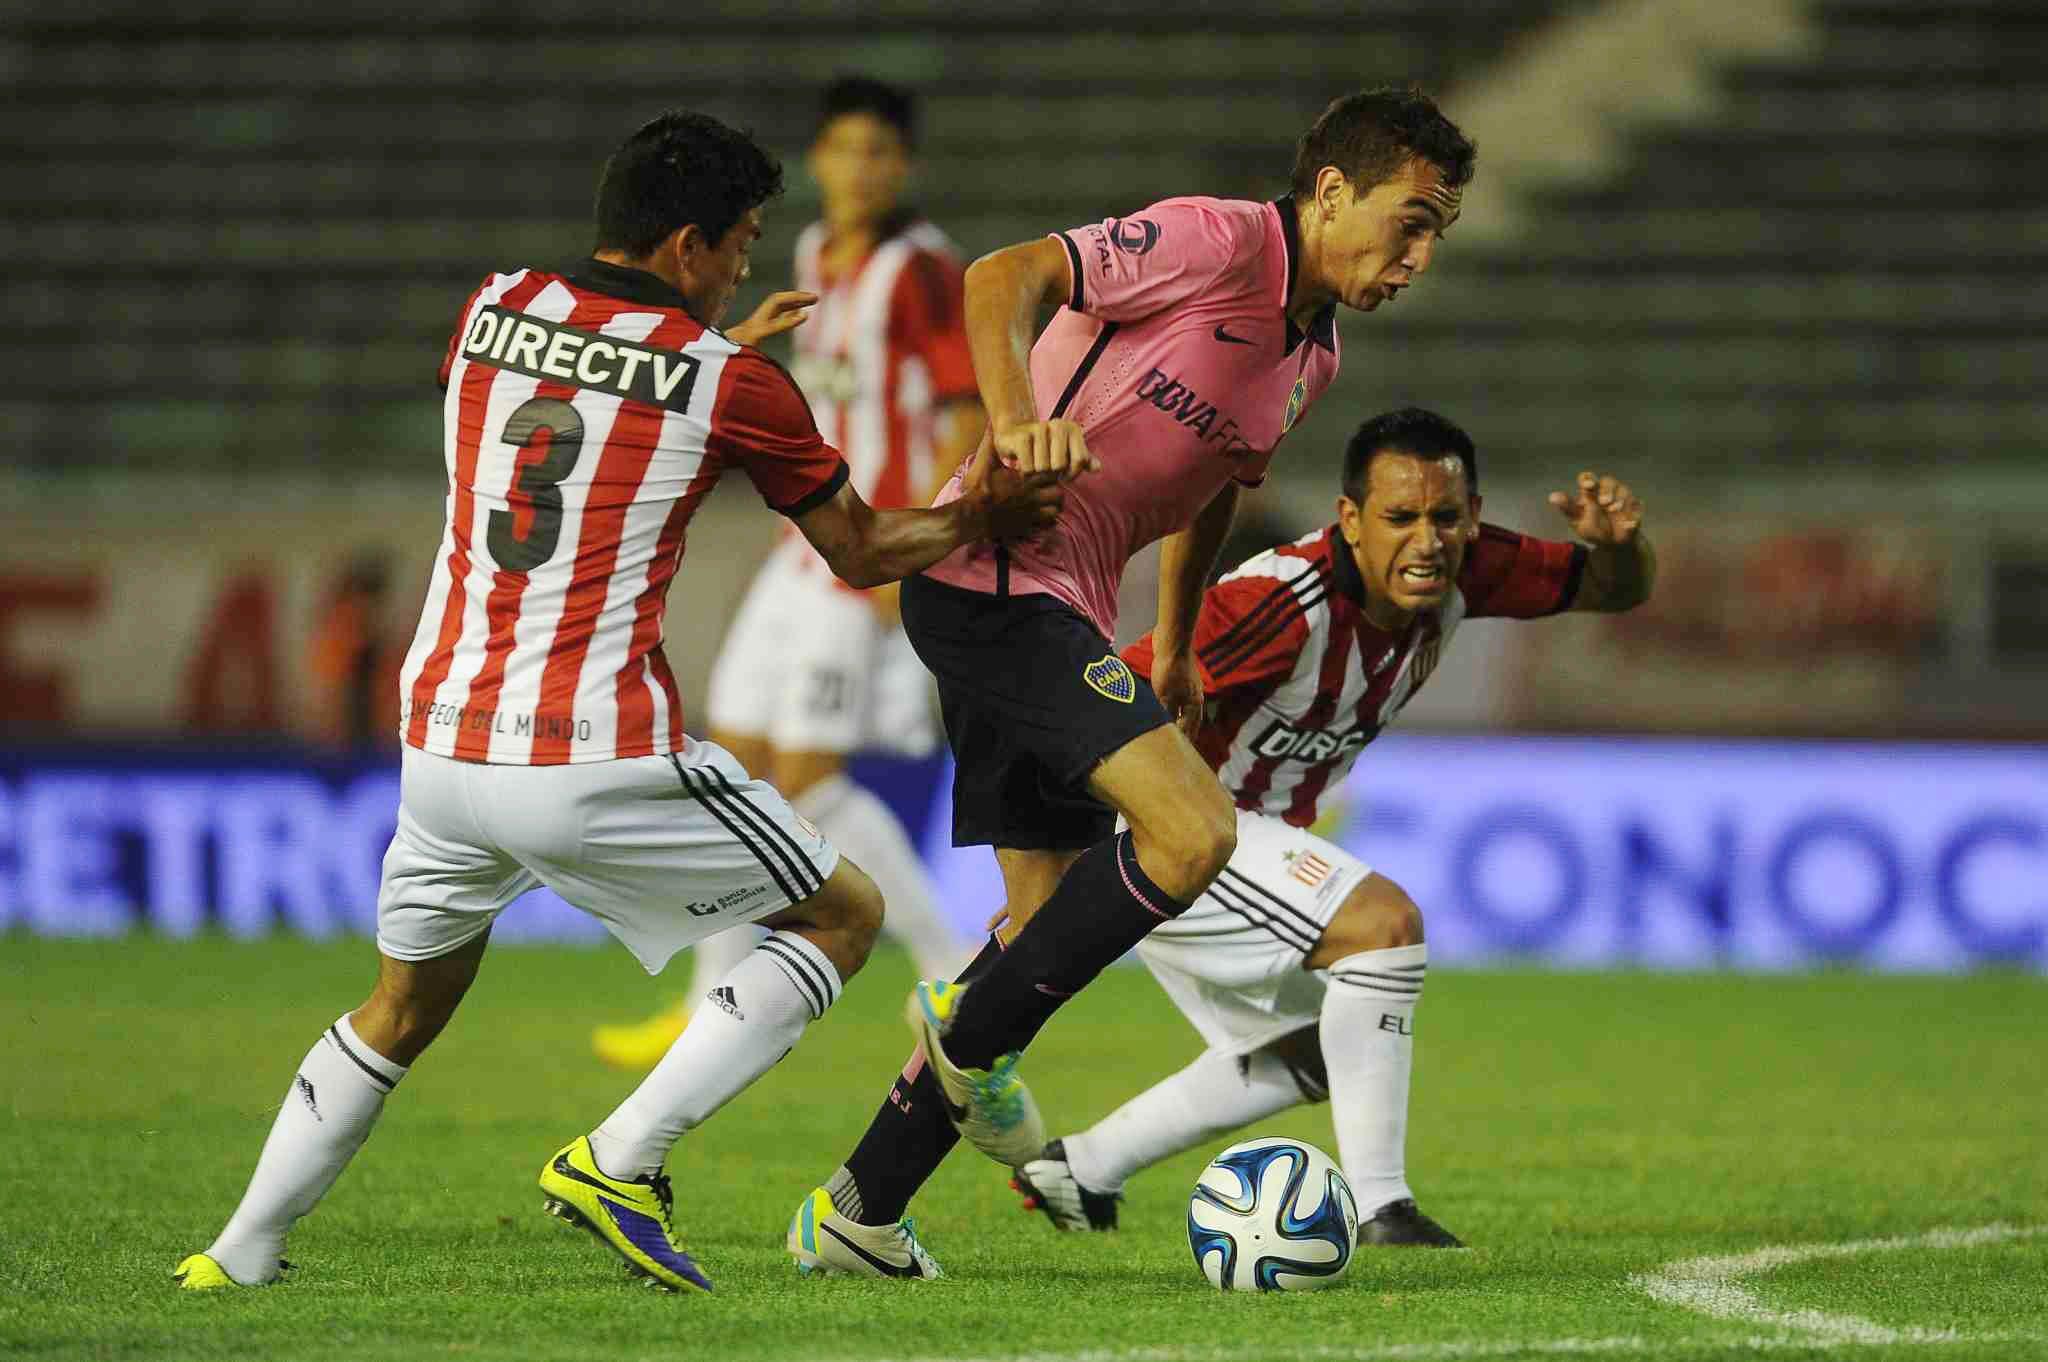 Con suplentes, Boca perdió con Estudiantes en su debut en el fútbol de verano